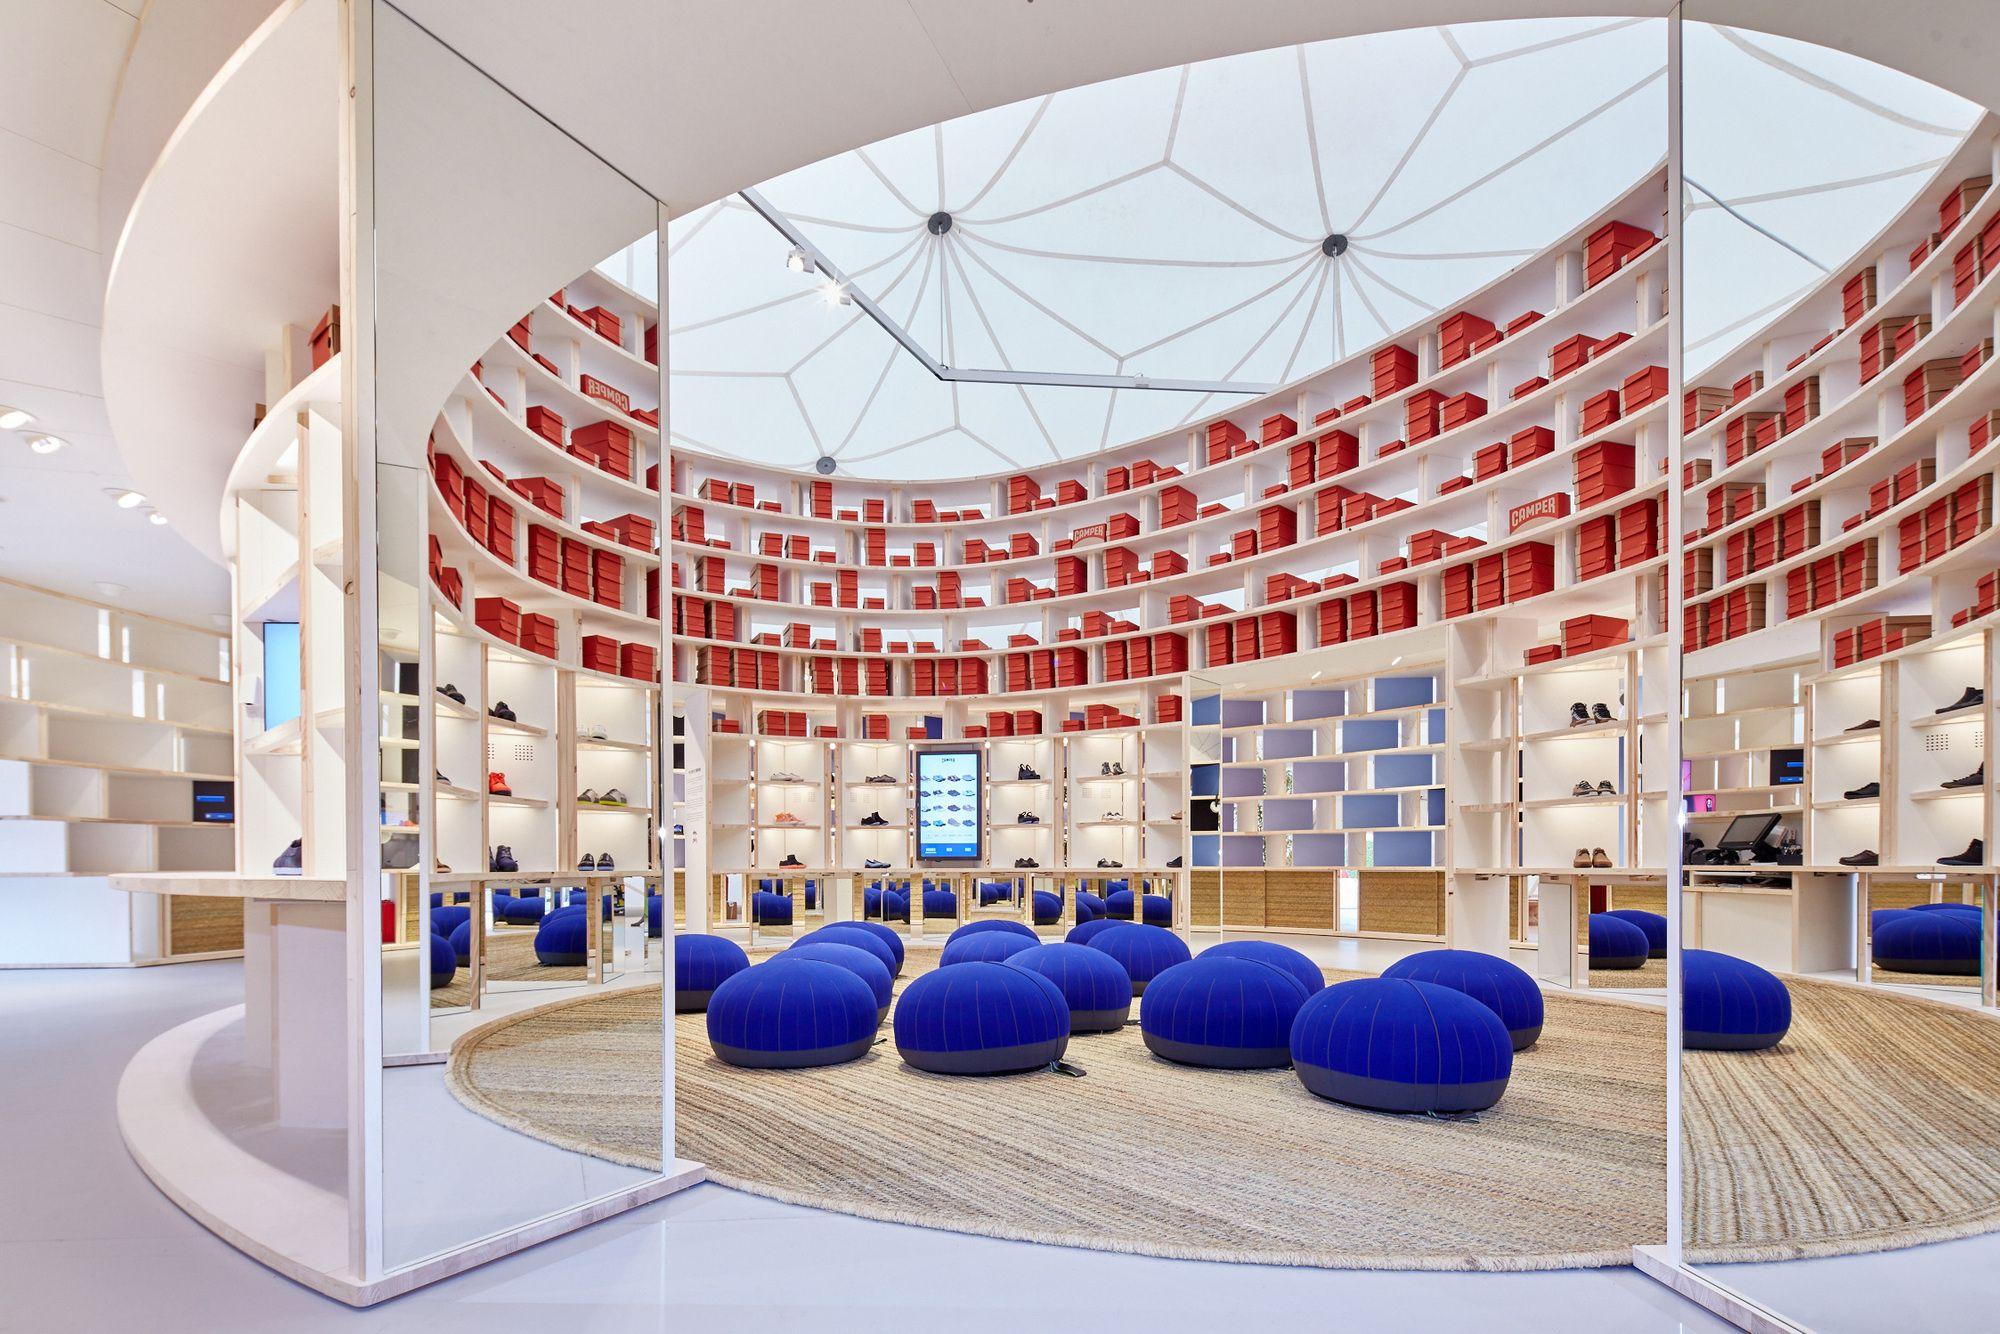 Campus Kéré Gallery Of At Architecture VitraCamper Store TlFK3J1c